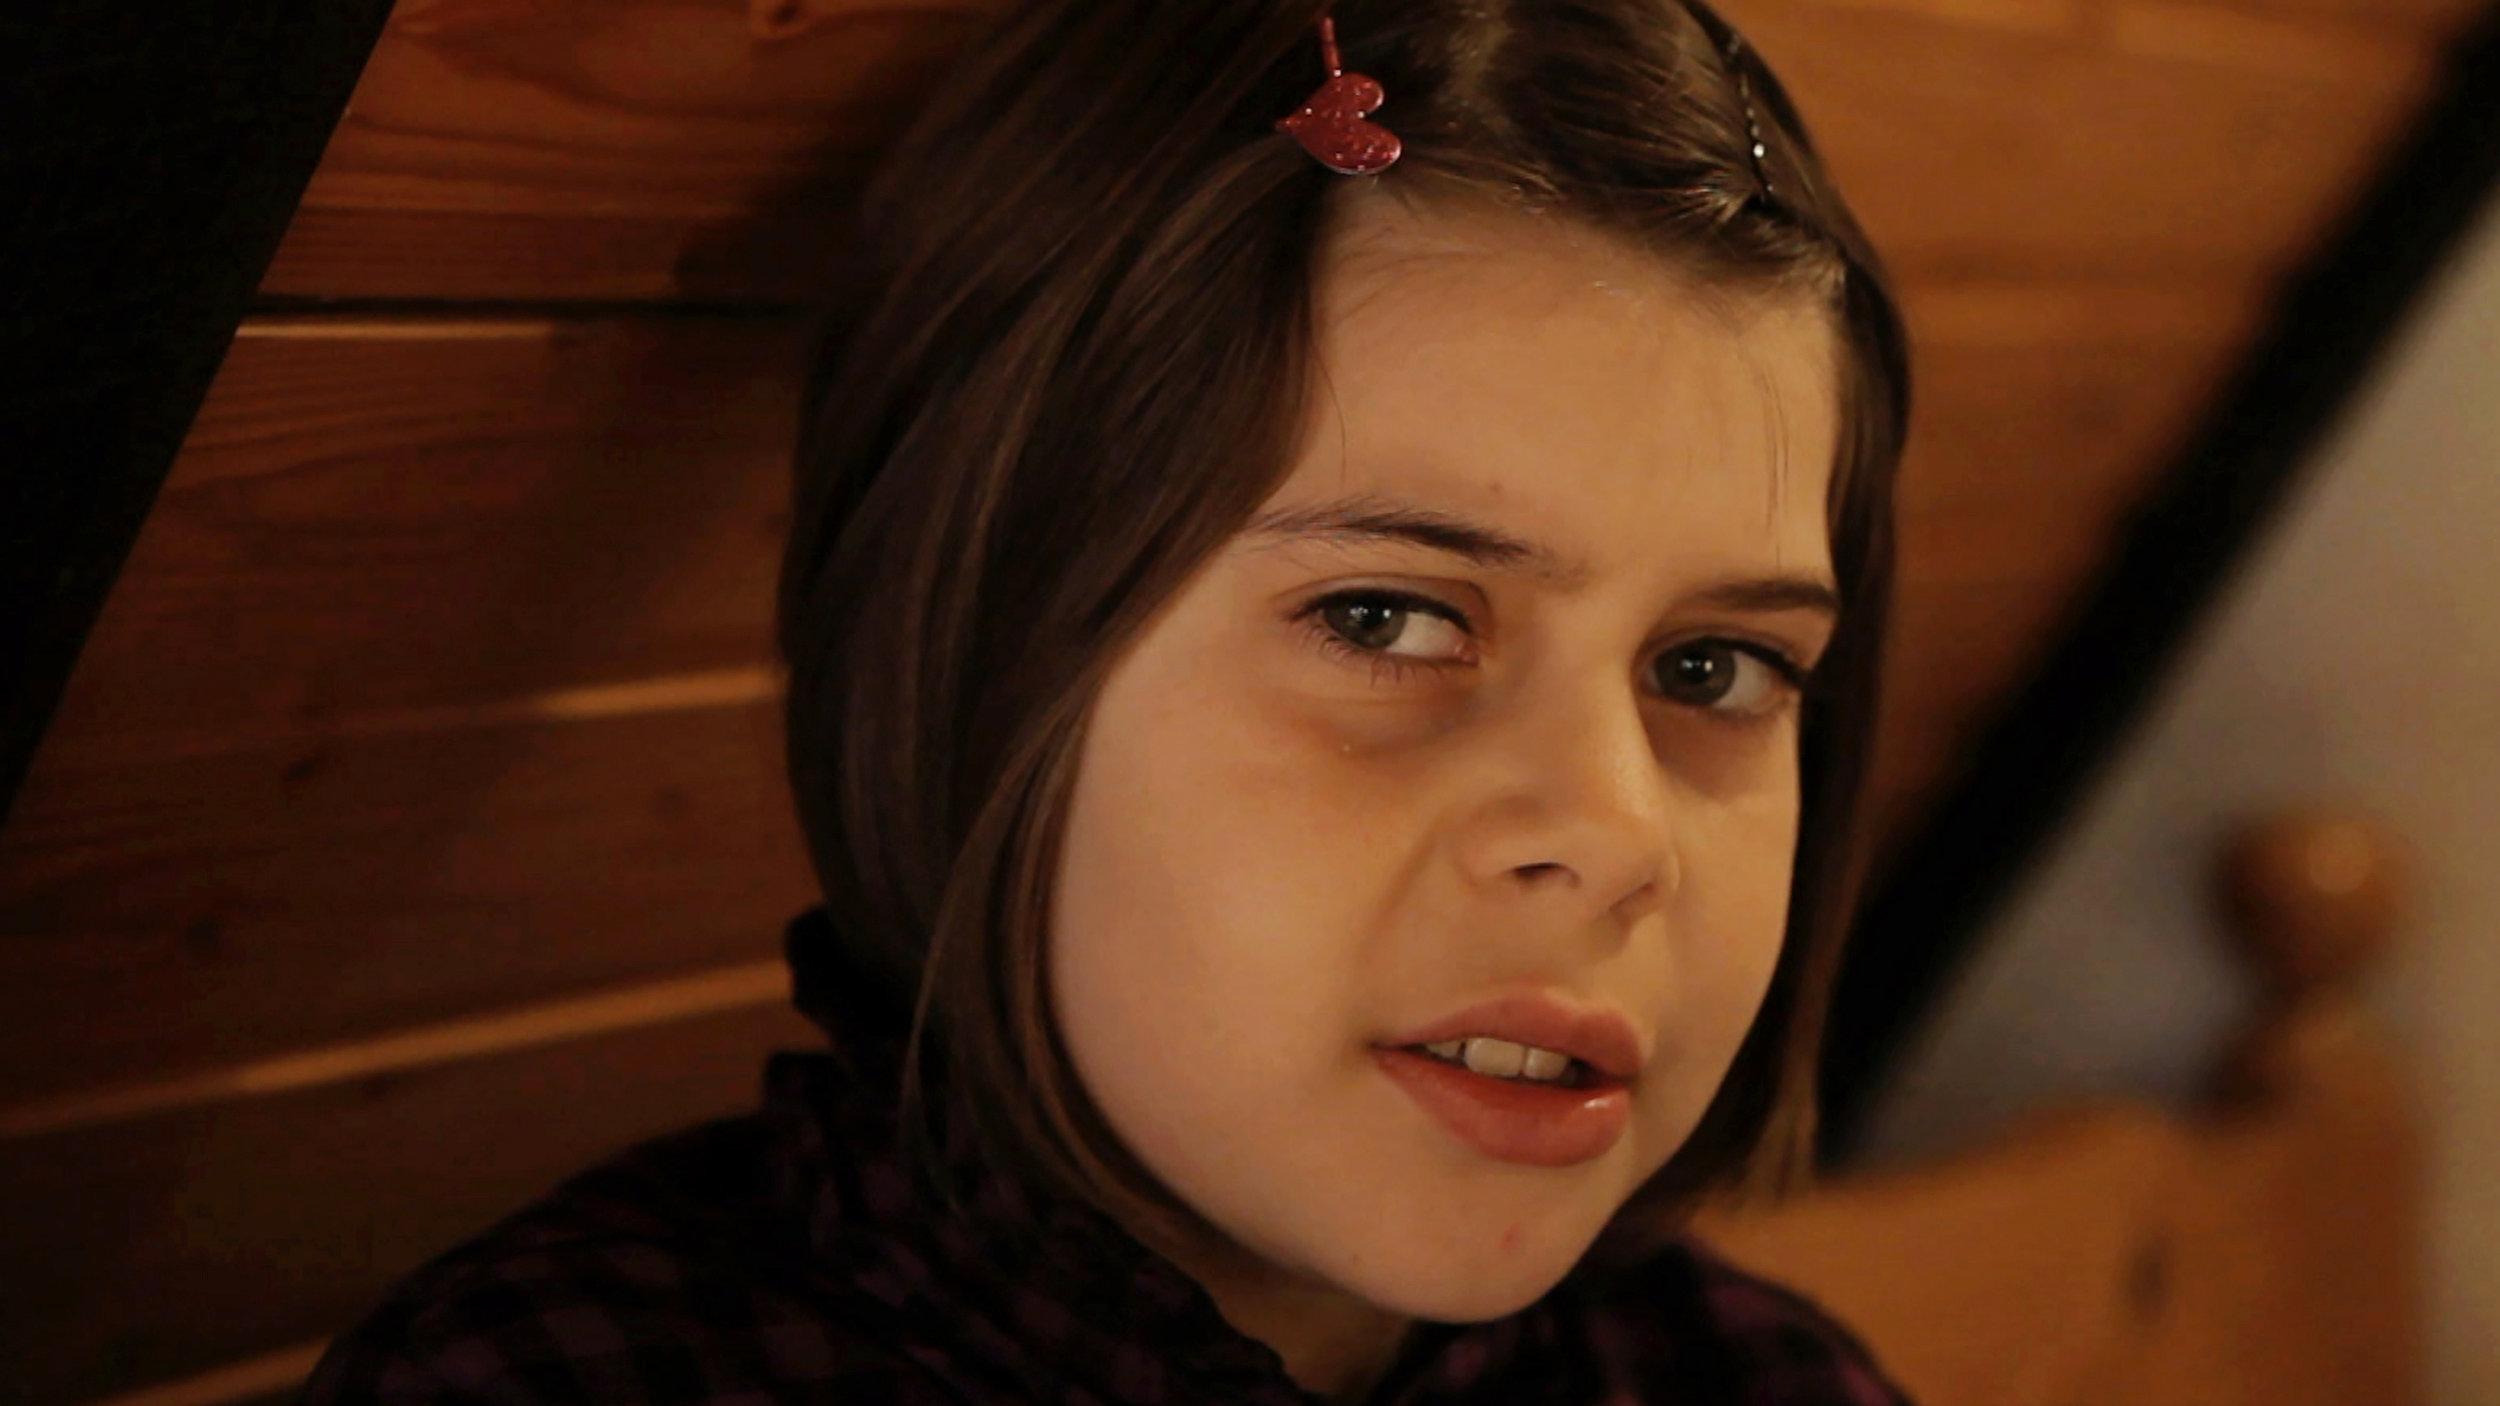 Julia Charlotte Richter, Das kleine Rotkäppchen (Little Red Riding Hood), Video (Still), 2011 © the artist